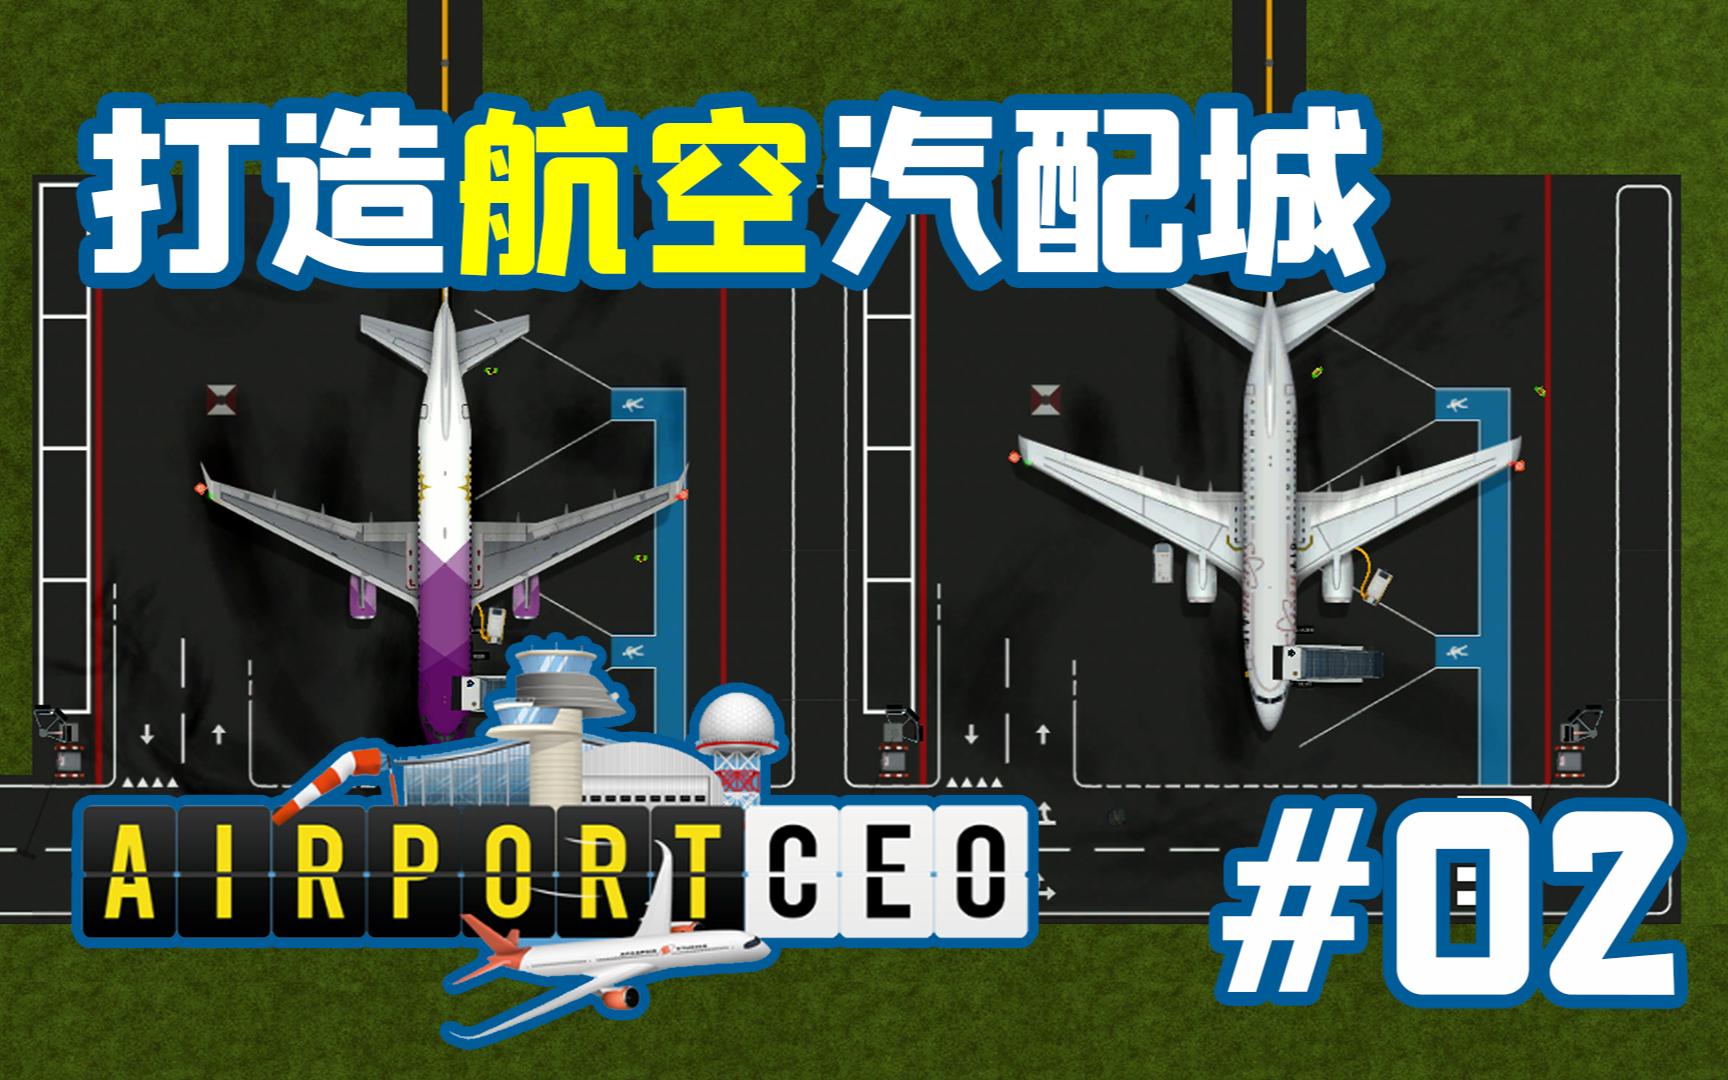 【独家】喜迎中型飞机进场!独立新作《机场CEO》-打造航空汽配城#02【QPC】